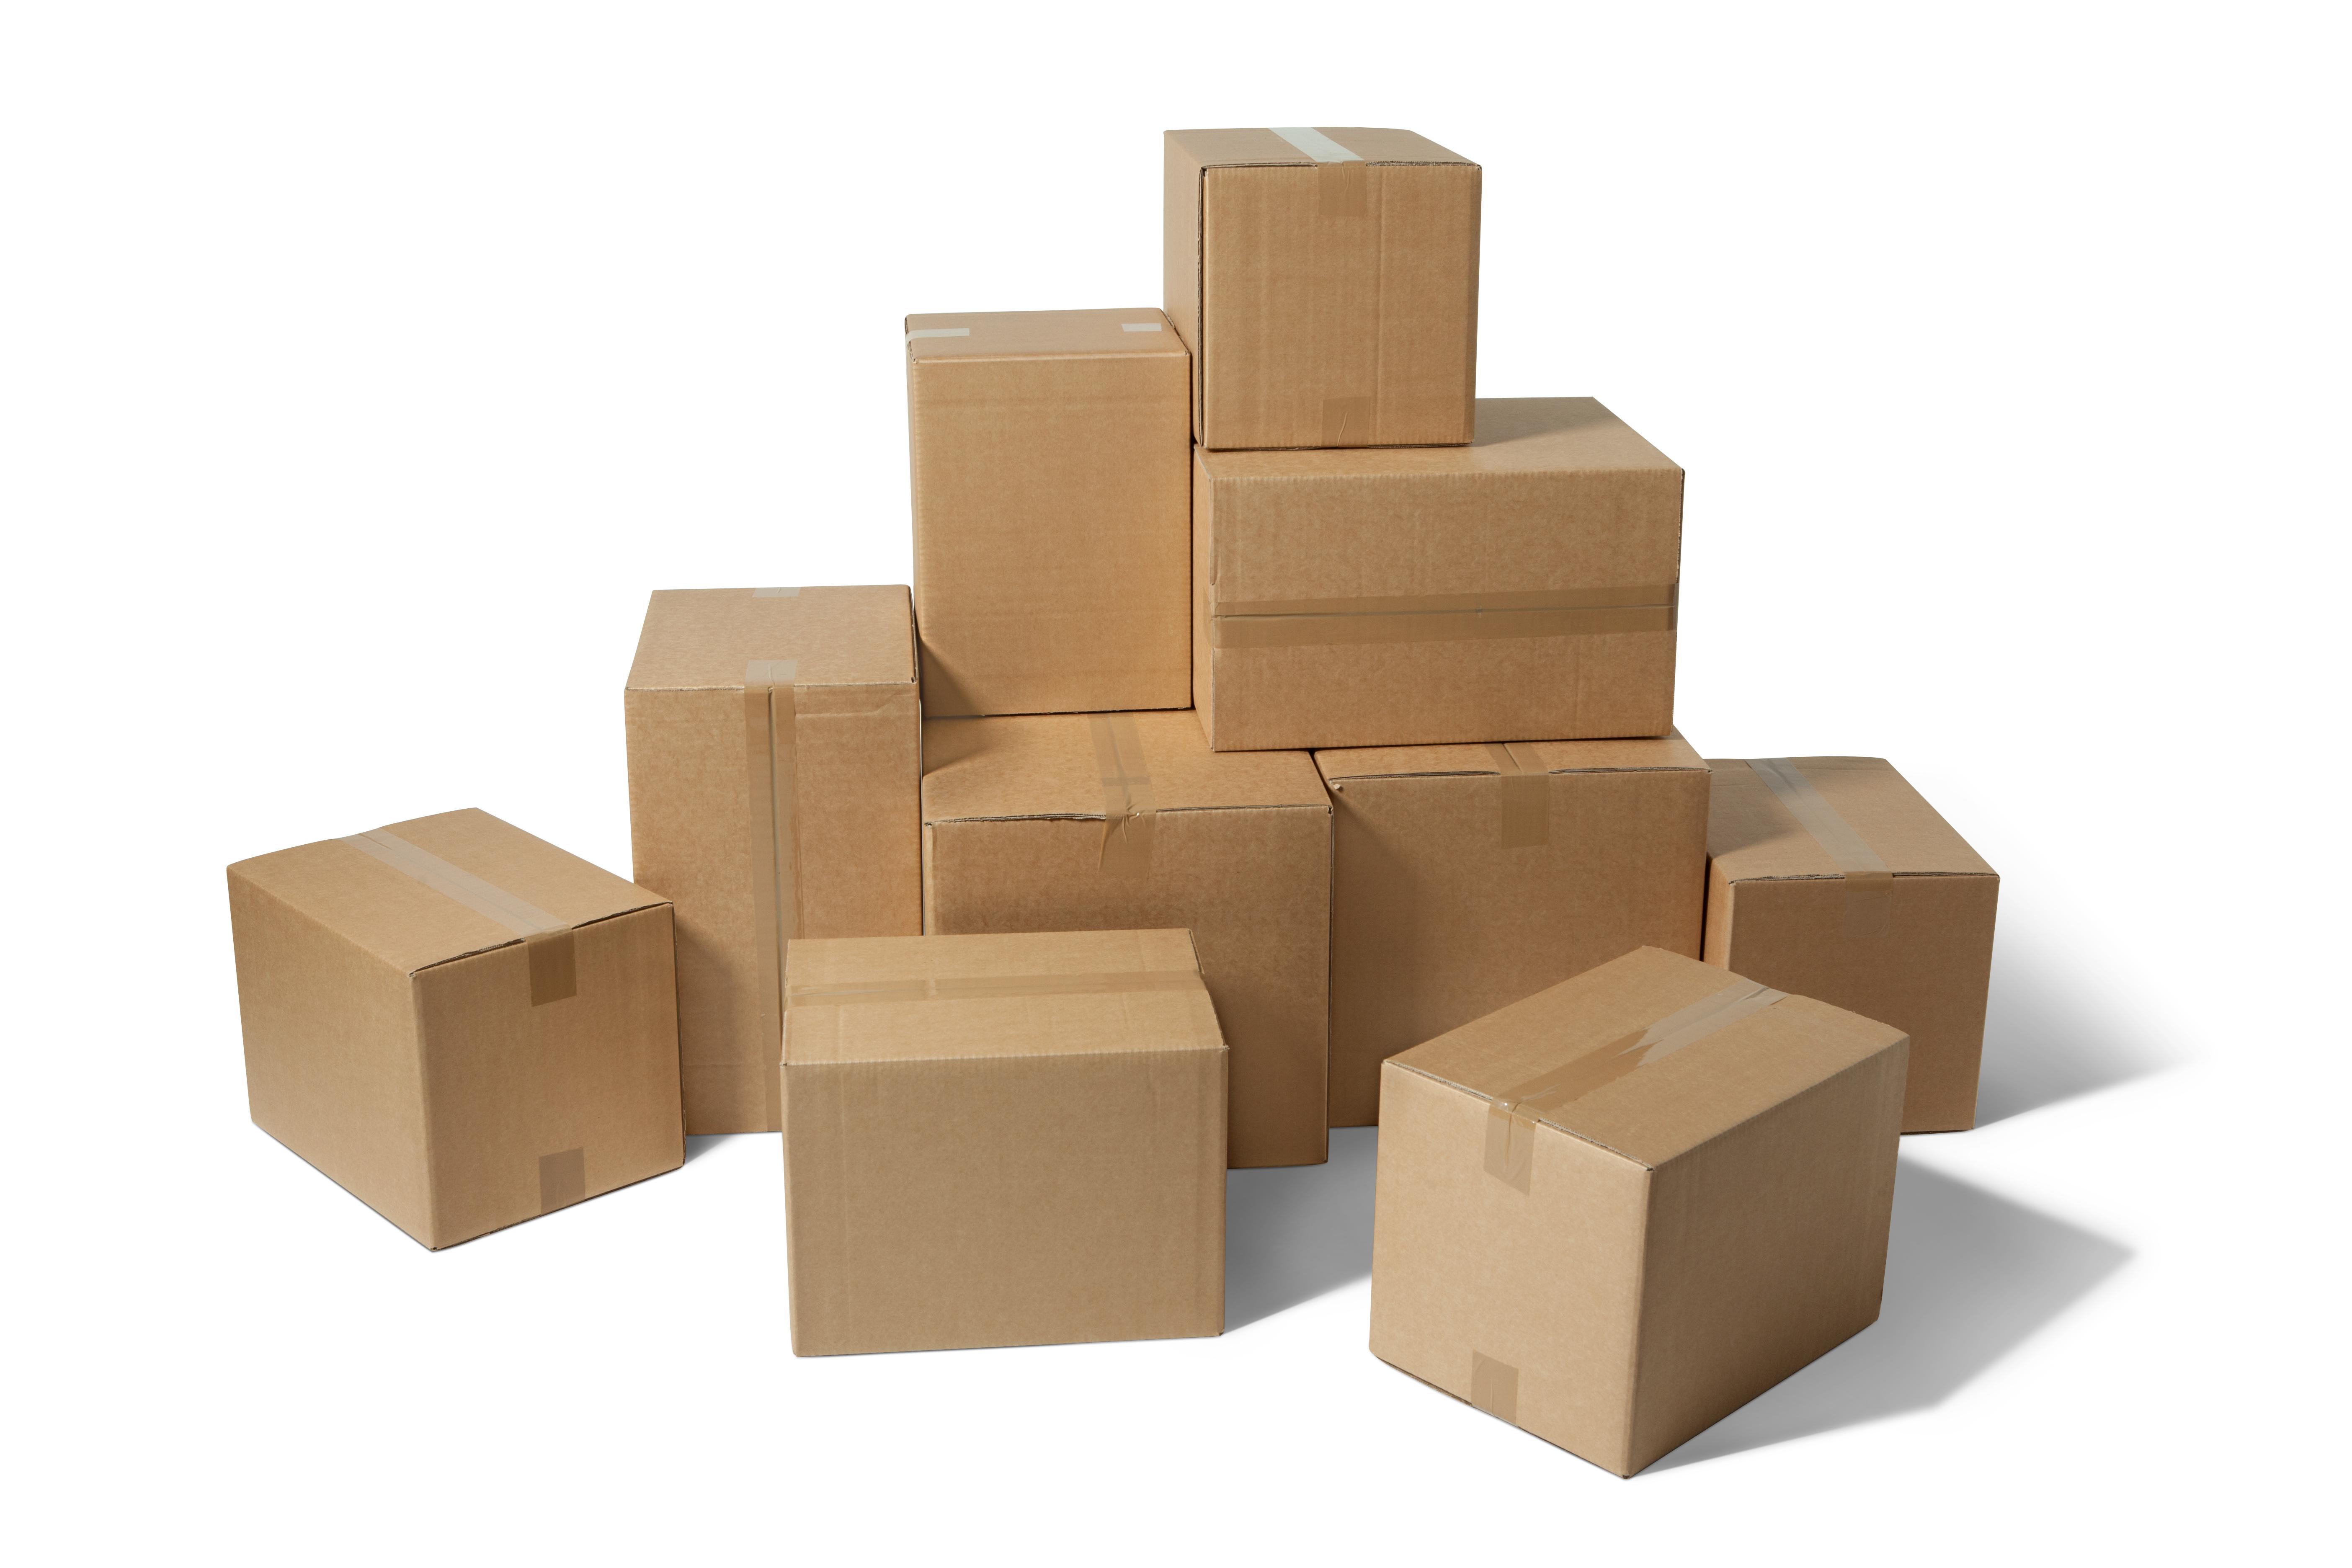 Bei uns erhalten Sie gute Ideen grad paketweise! Lassen Sie sich überraschen...